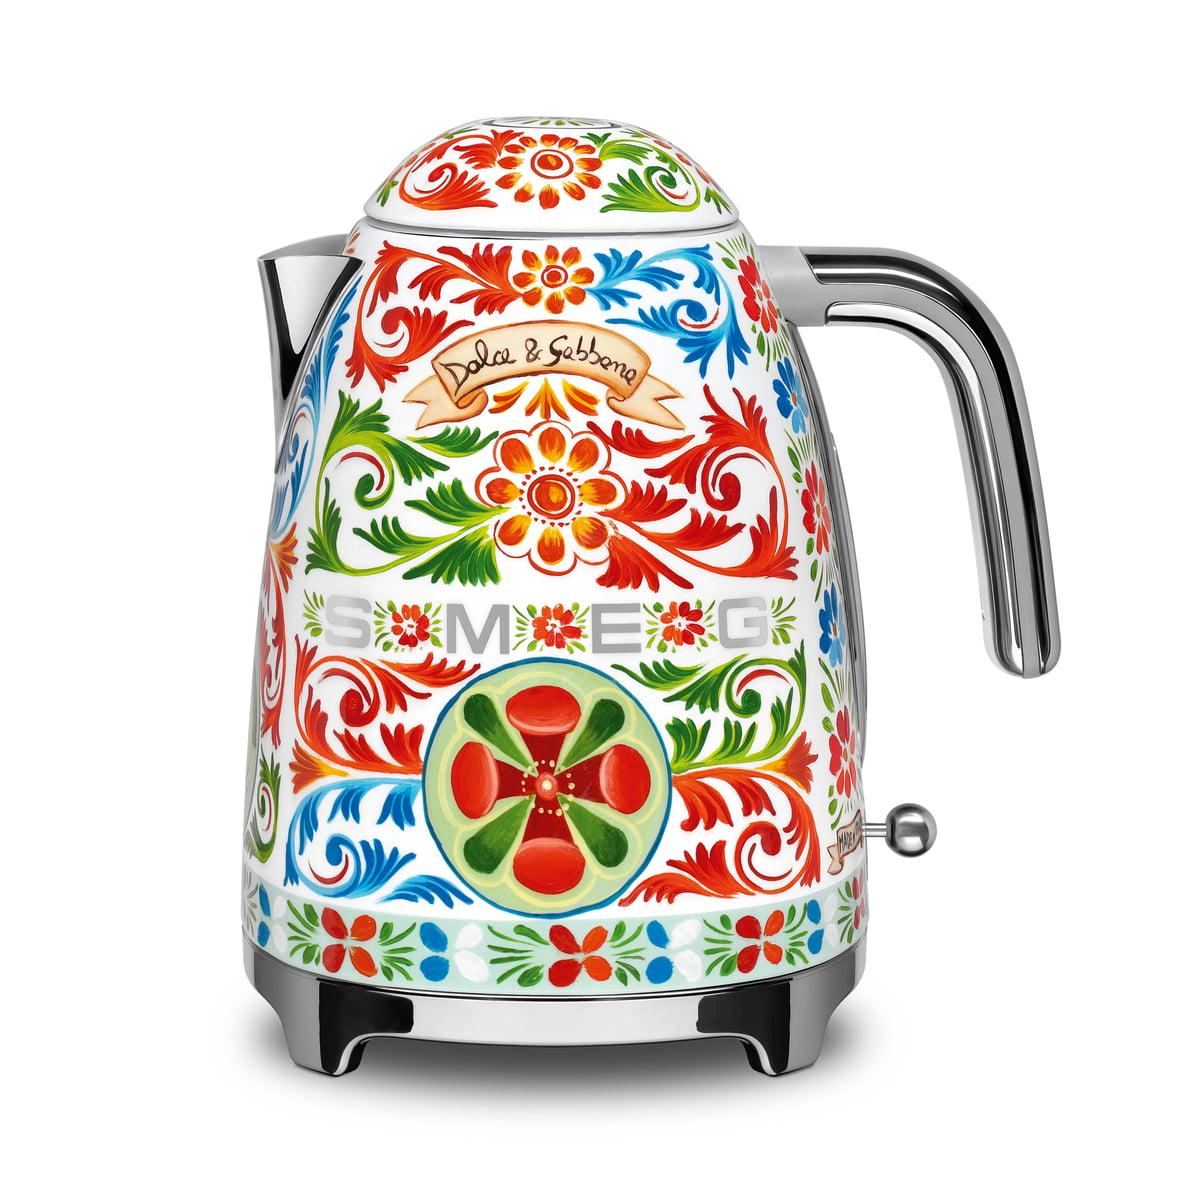 SMEG - Wasserkocher 1,7 l (KLF03), Dolce & Gabbana